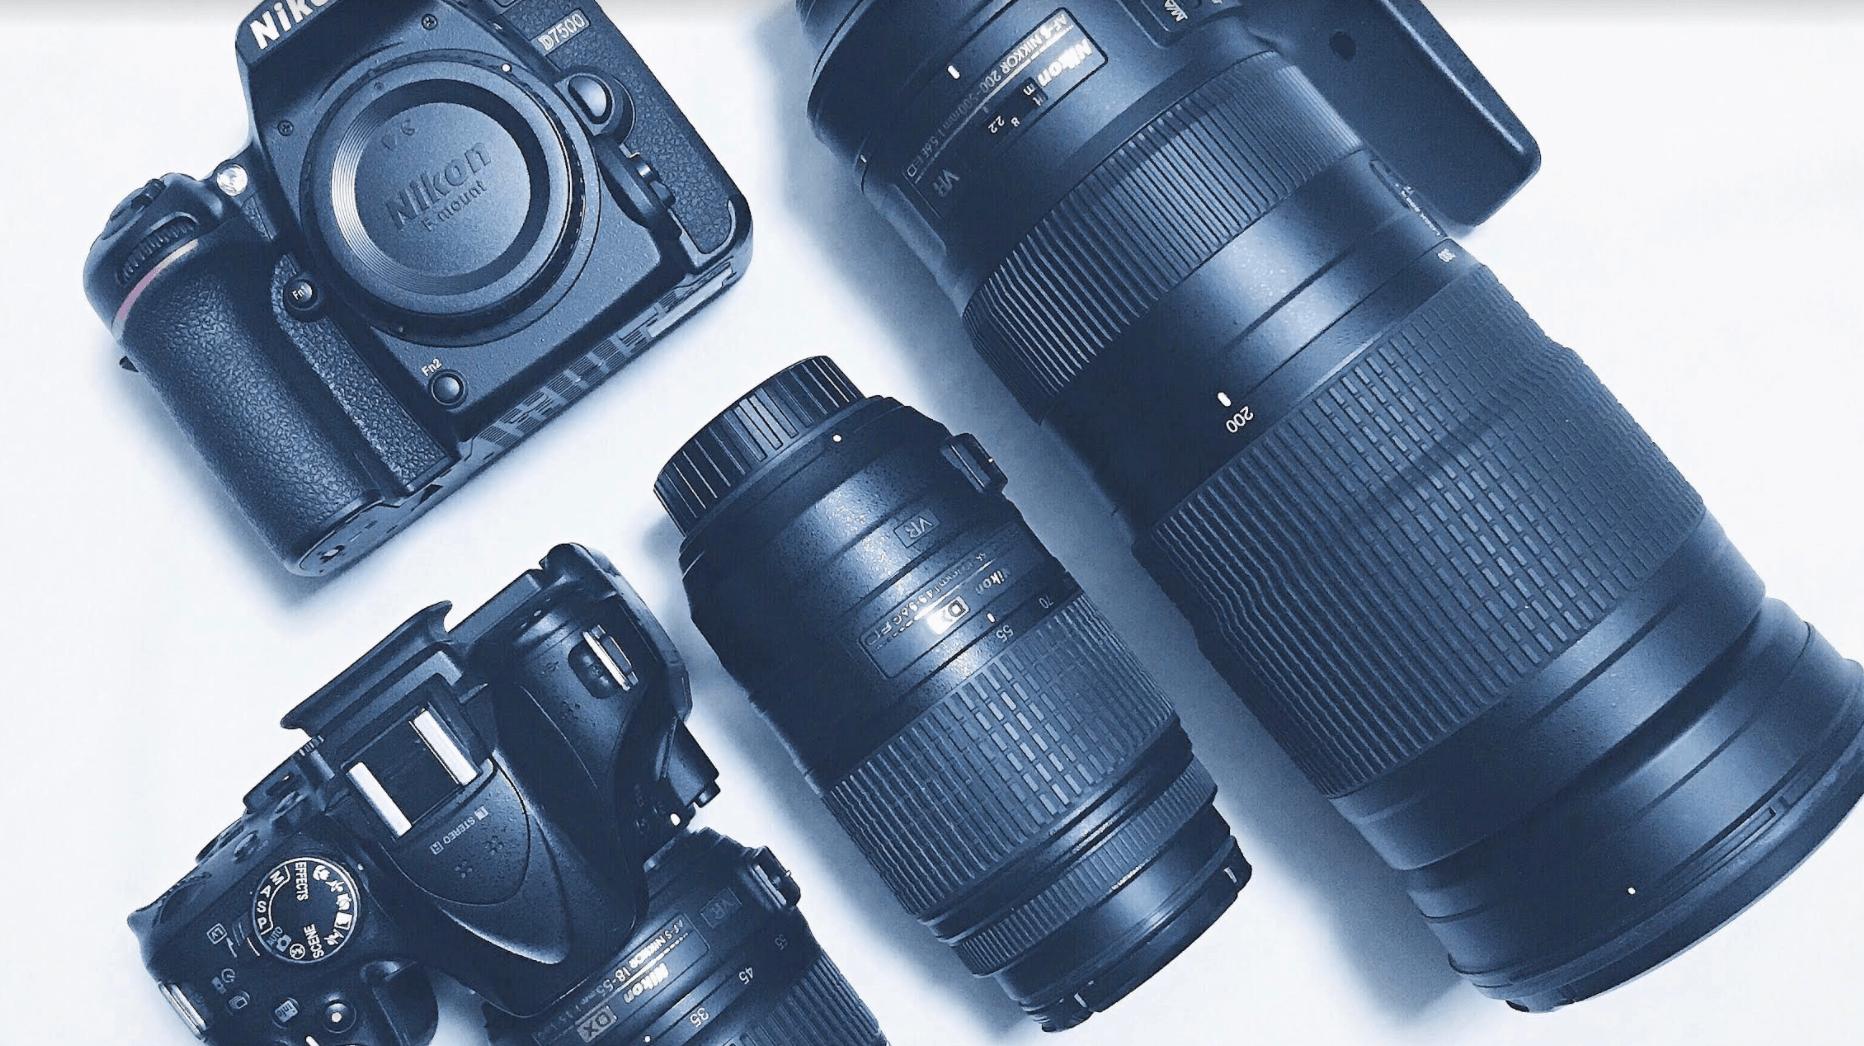 アメフト撮影用のカメラ